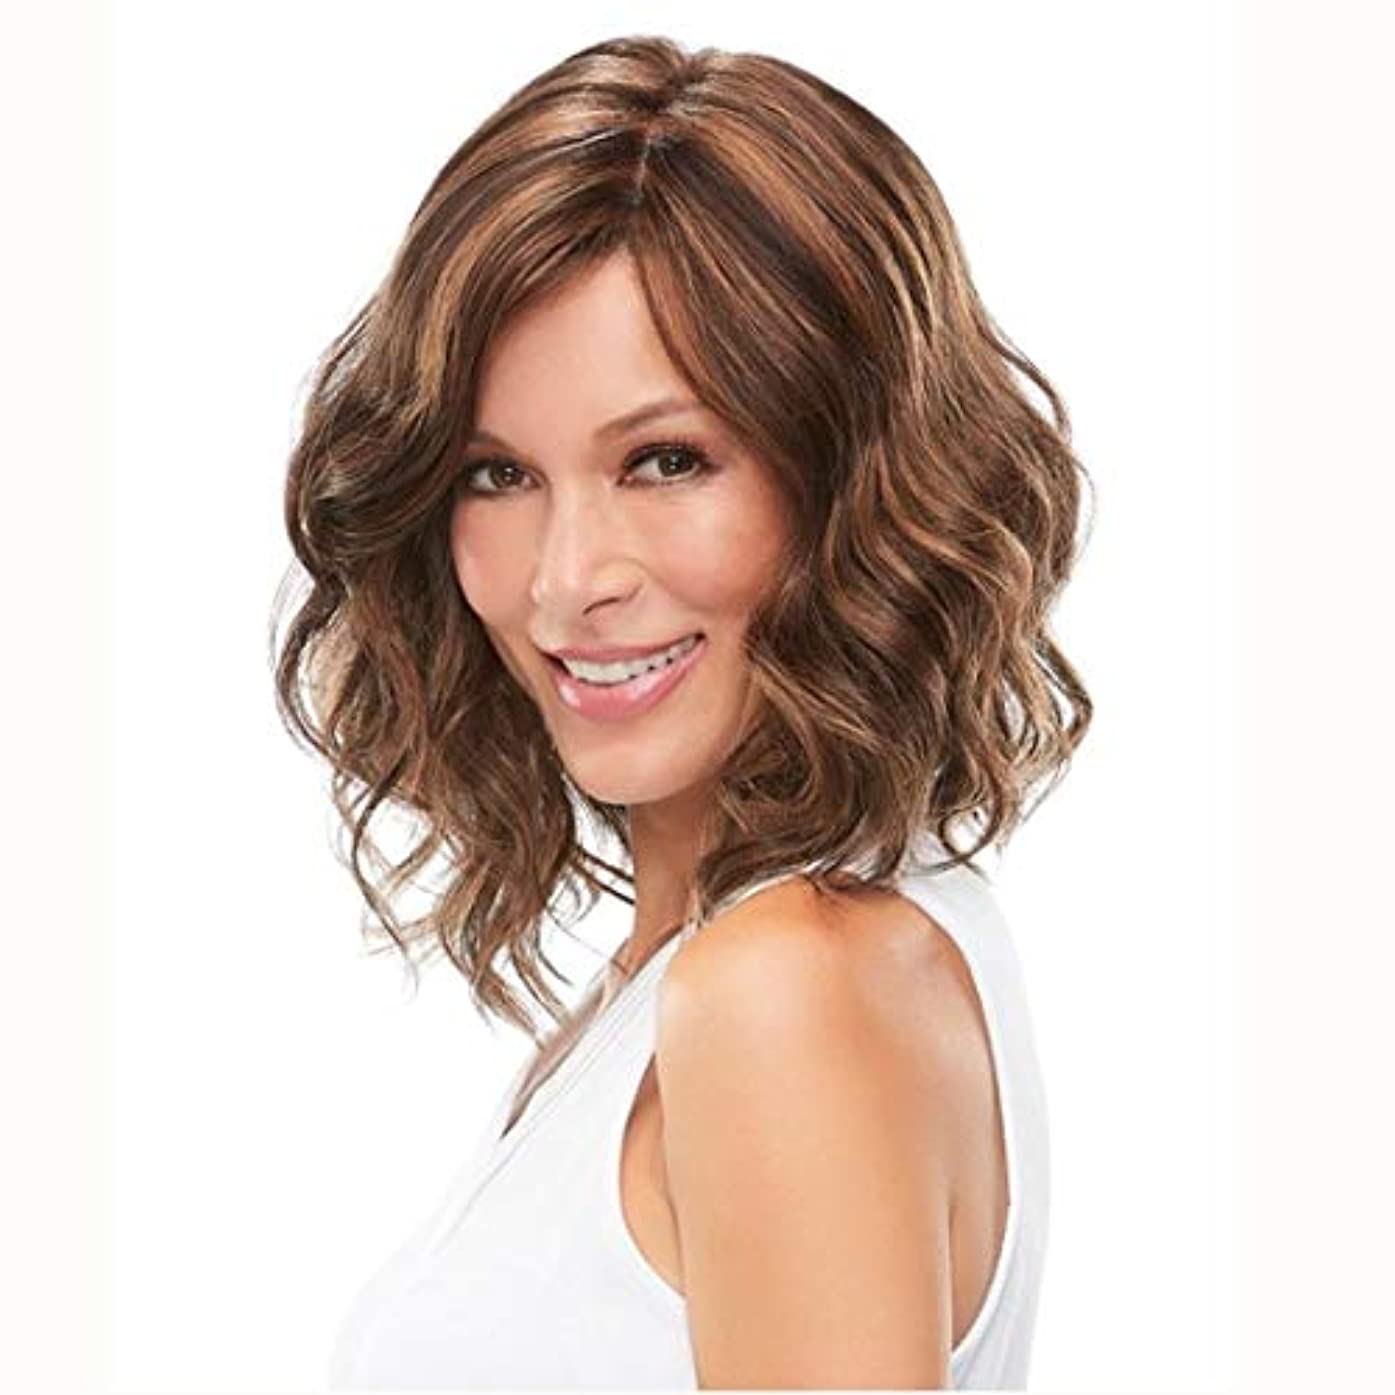 レンズ億比較的Summerys 短い巻き毛のふわふわのかつら女性の女の子のための短い波状の合成かつら